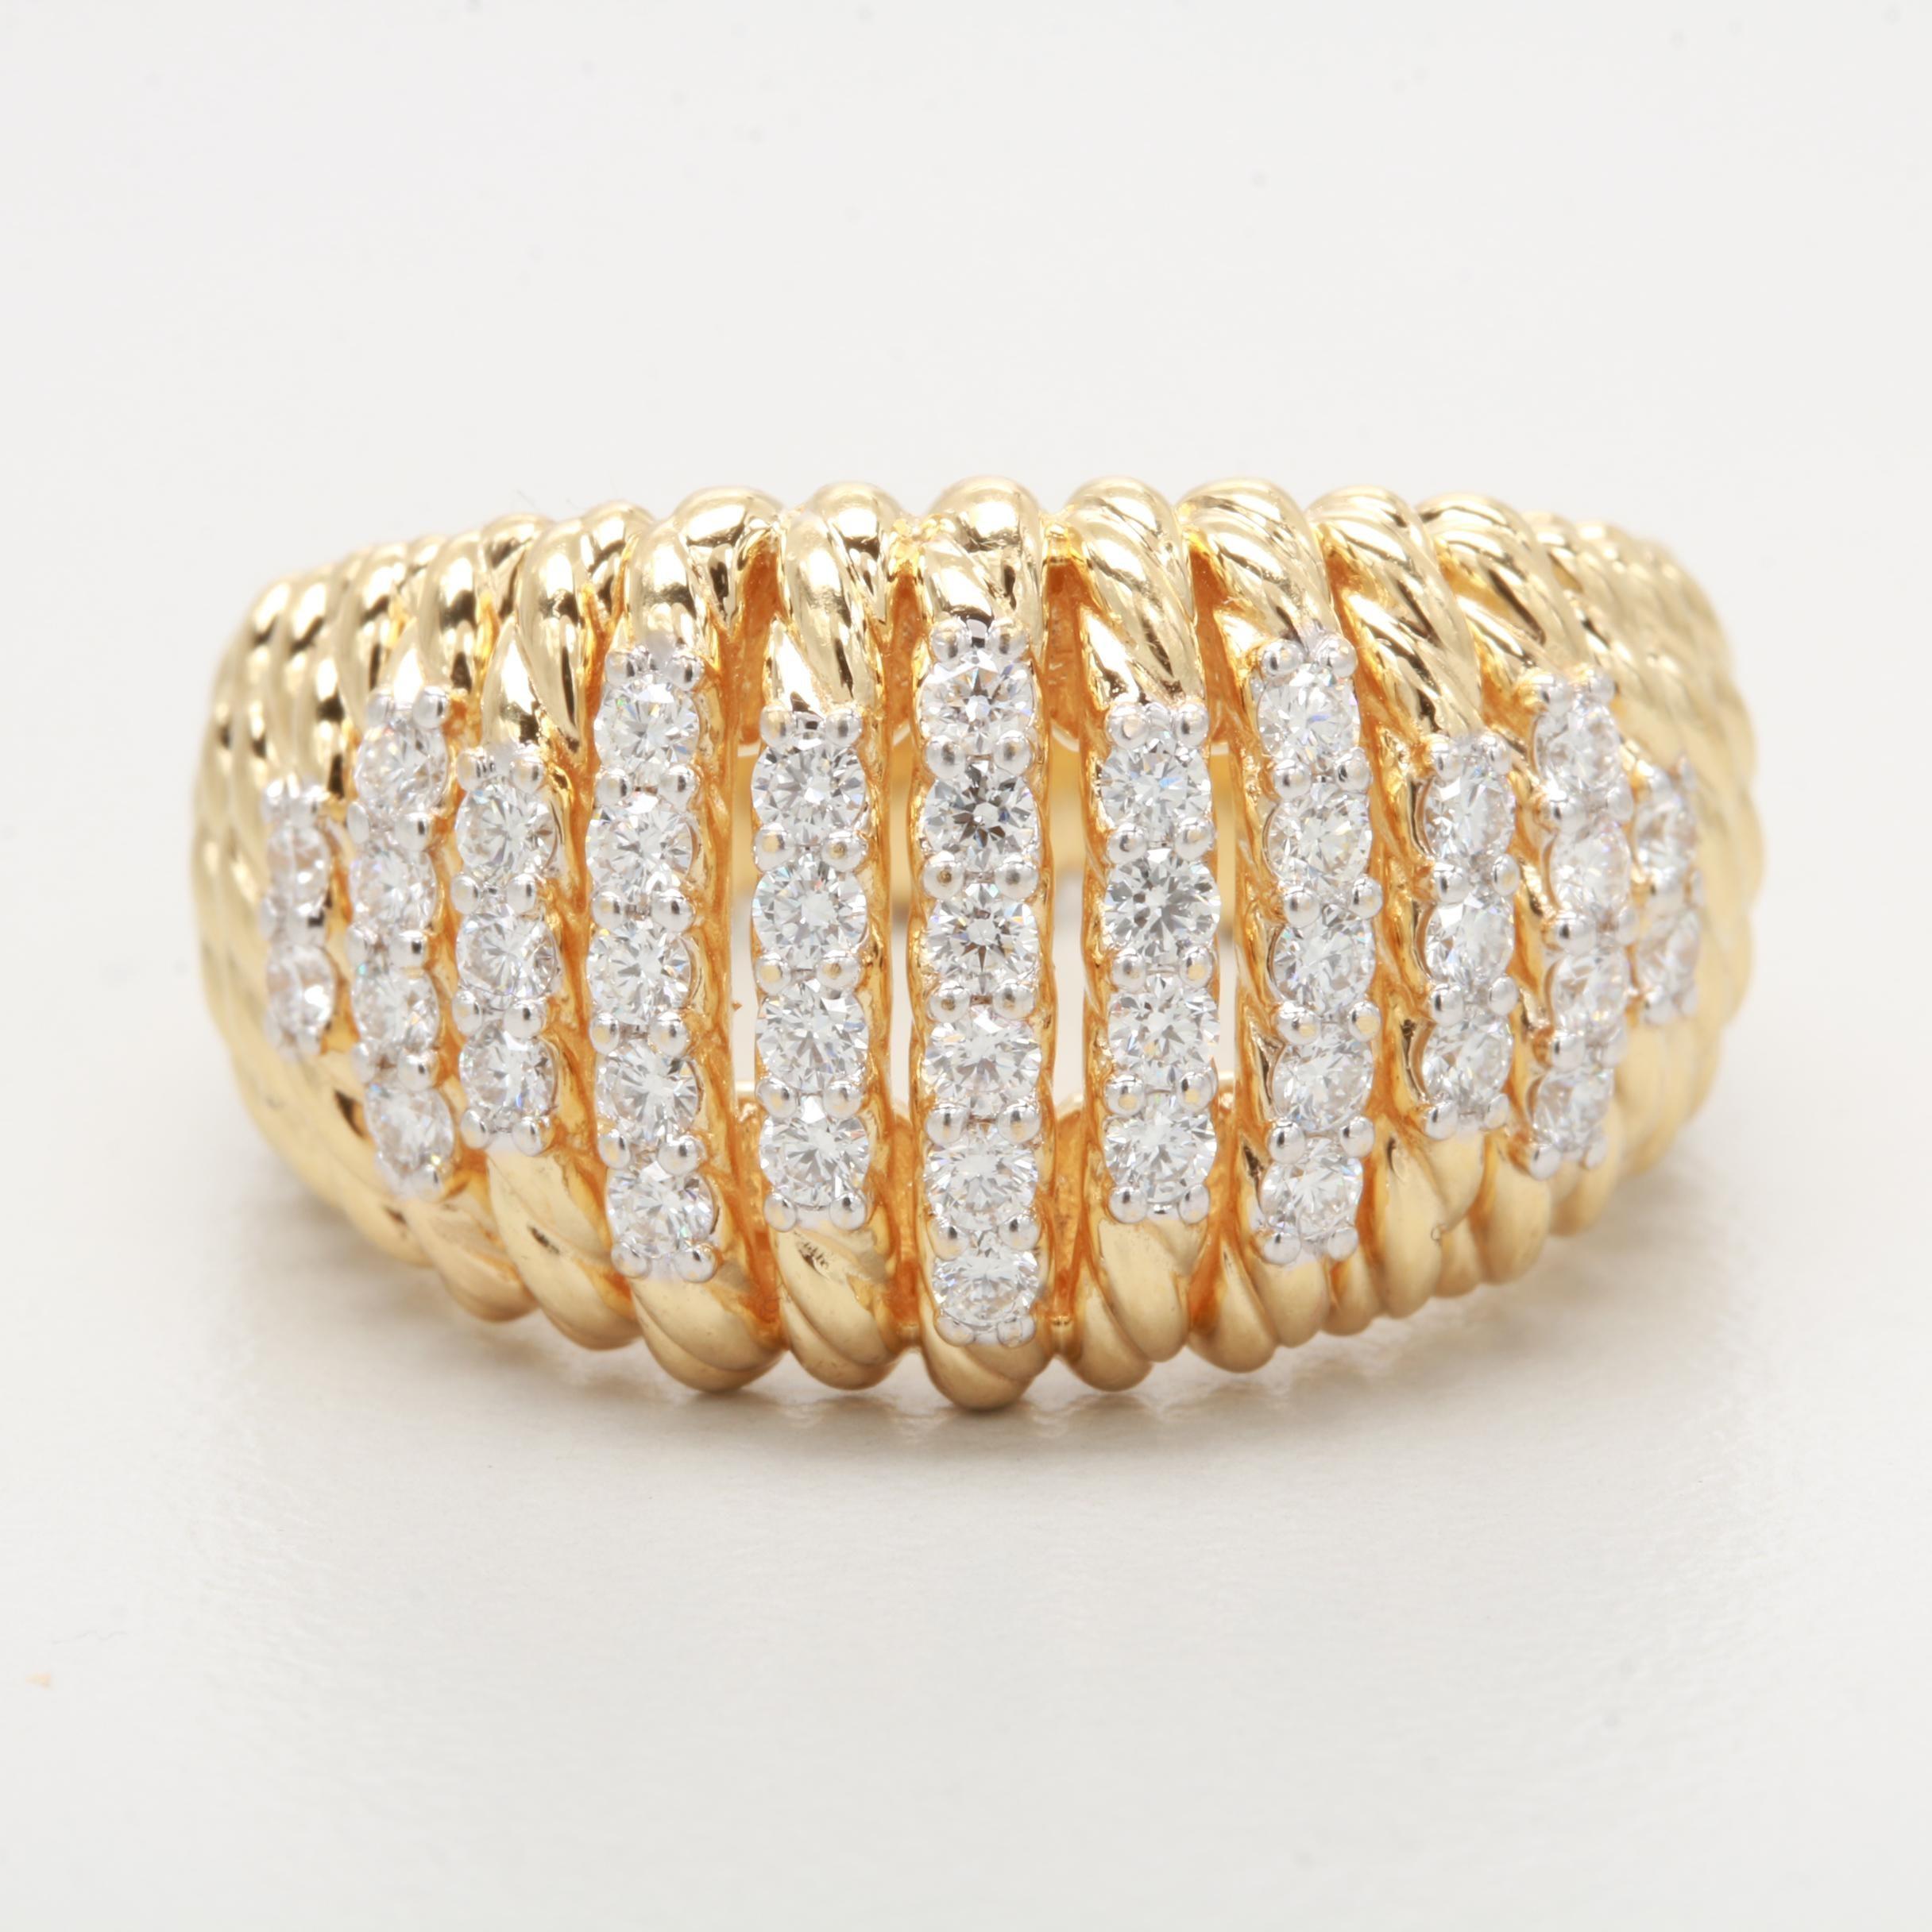 David Yurman 18K Yellow Gold 0.75 CTW Diamond Ring